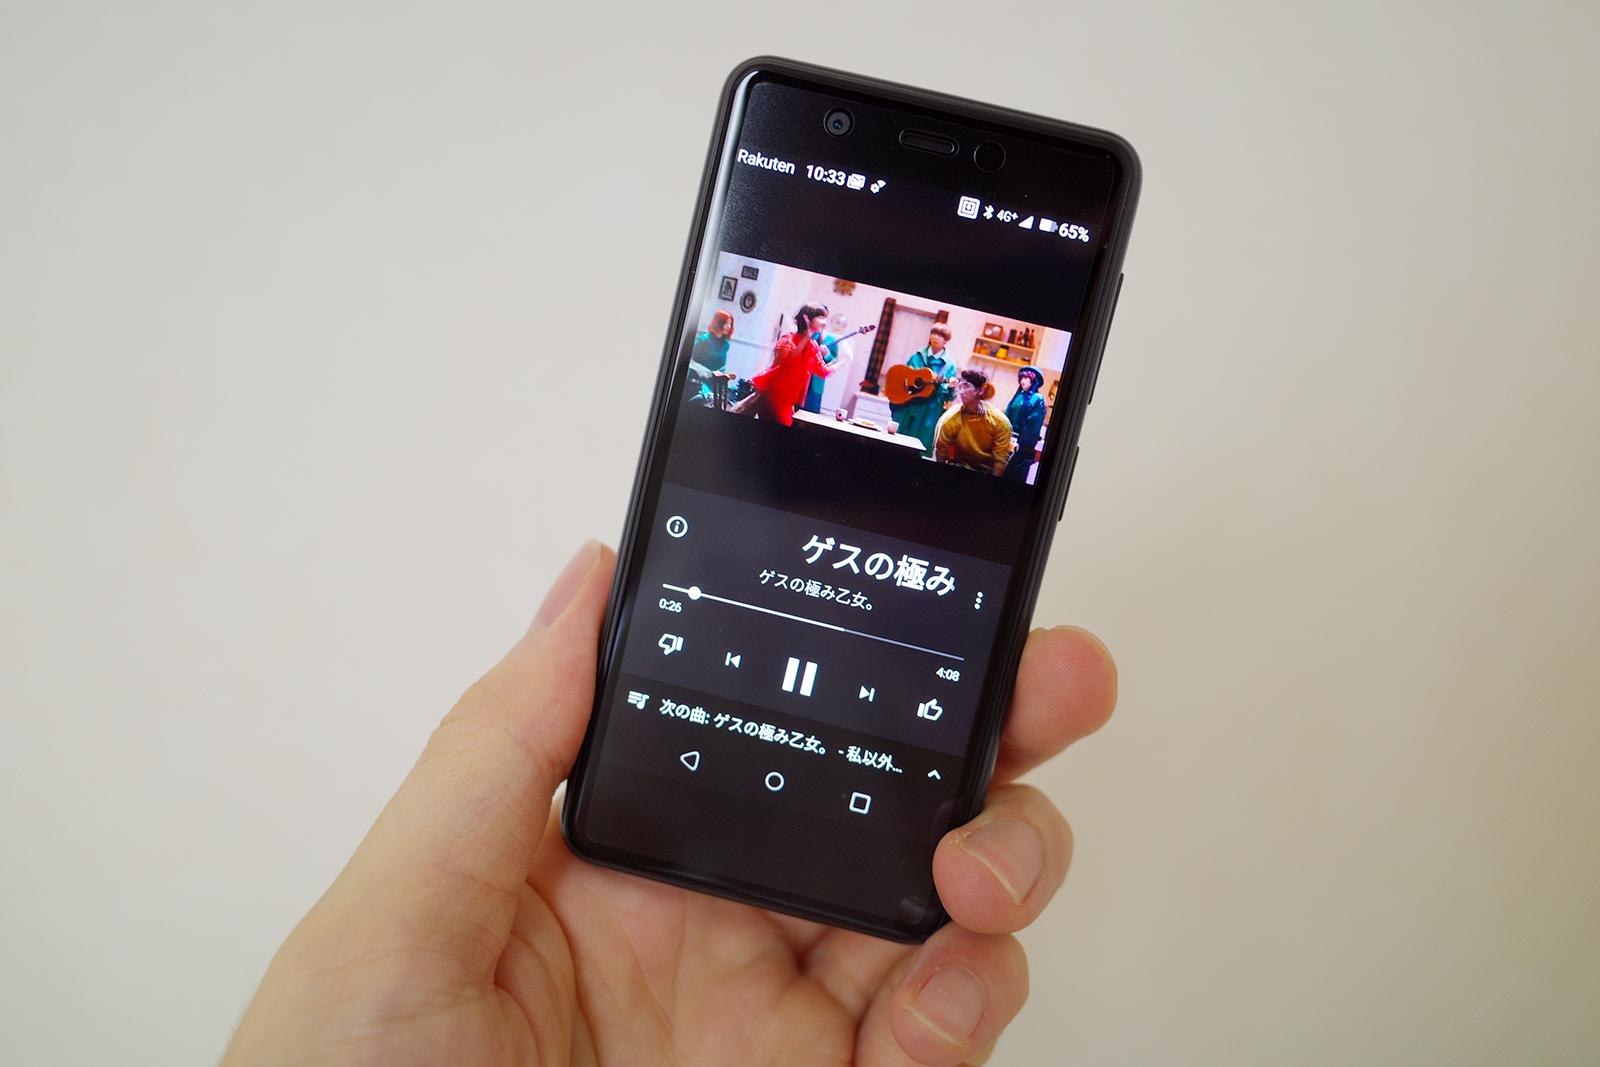 Rakuten miniでYouTubeを再生した様子